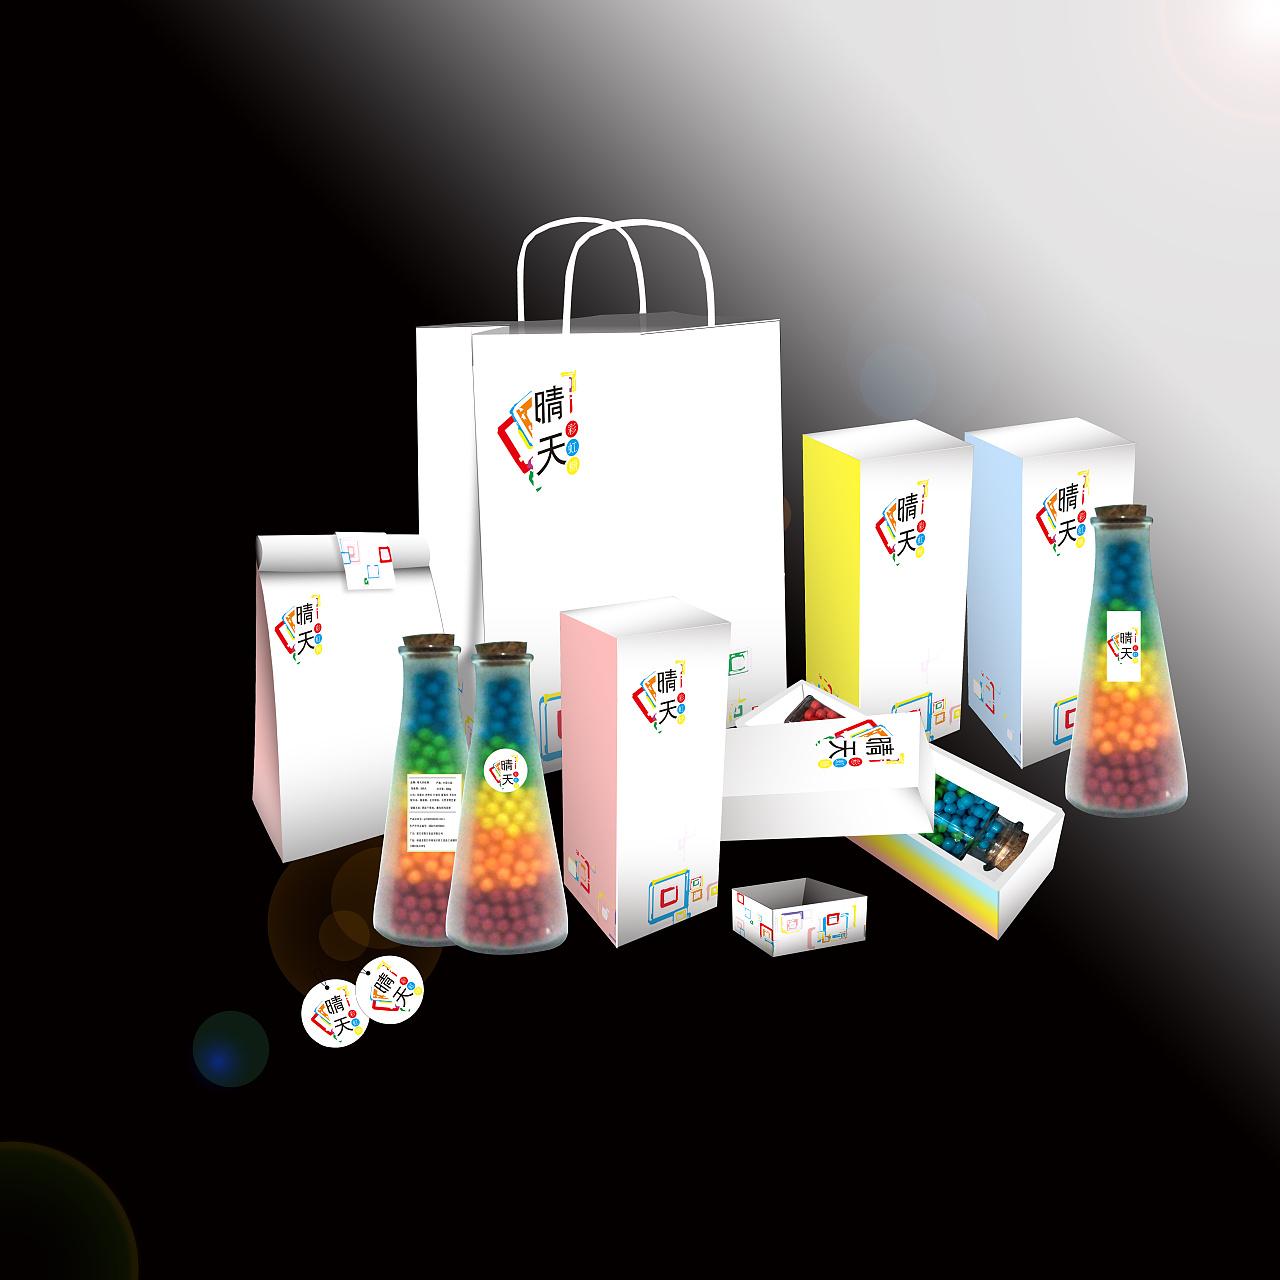 毕业设计-糖果v糖果-原创作品-站酷(zcool)装鸡蛋的包装盒设计图图片